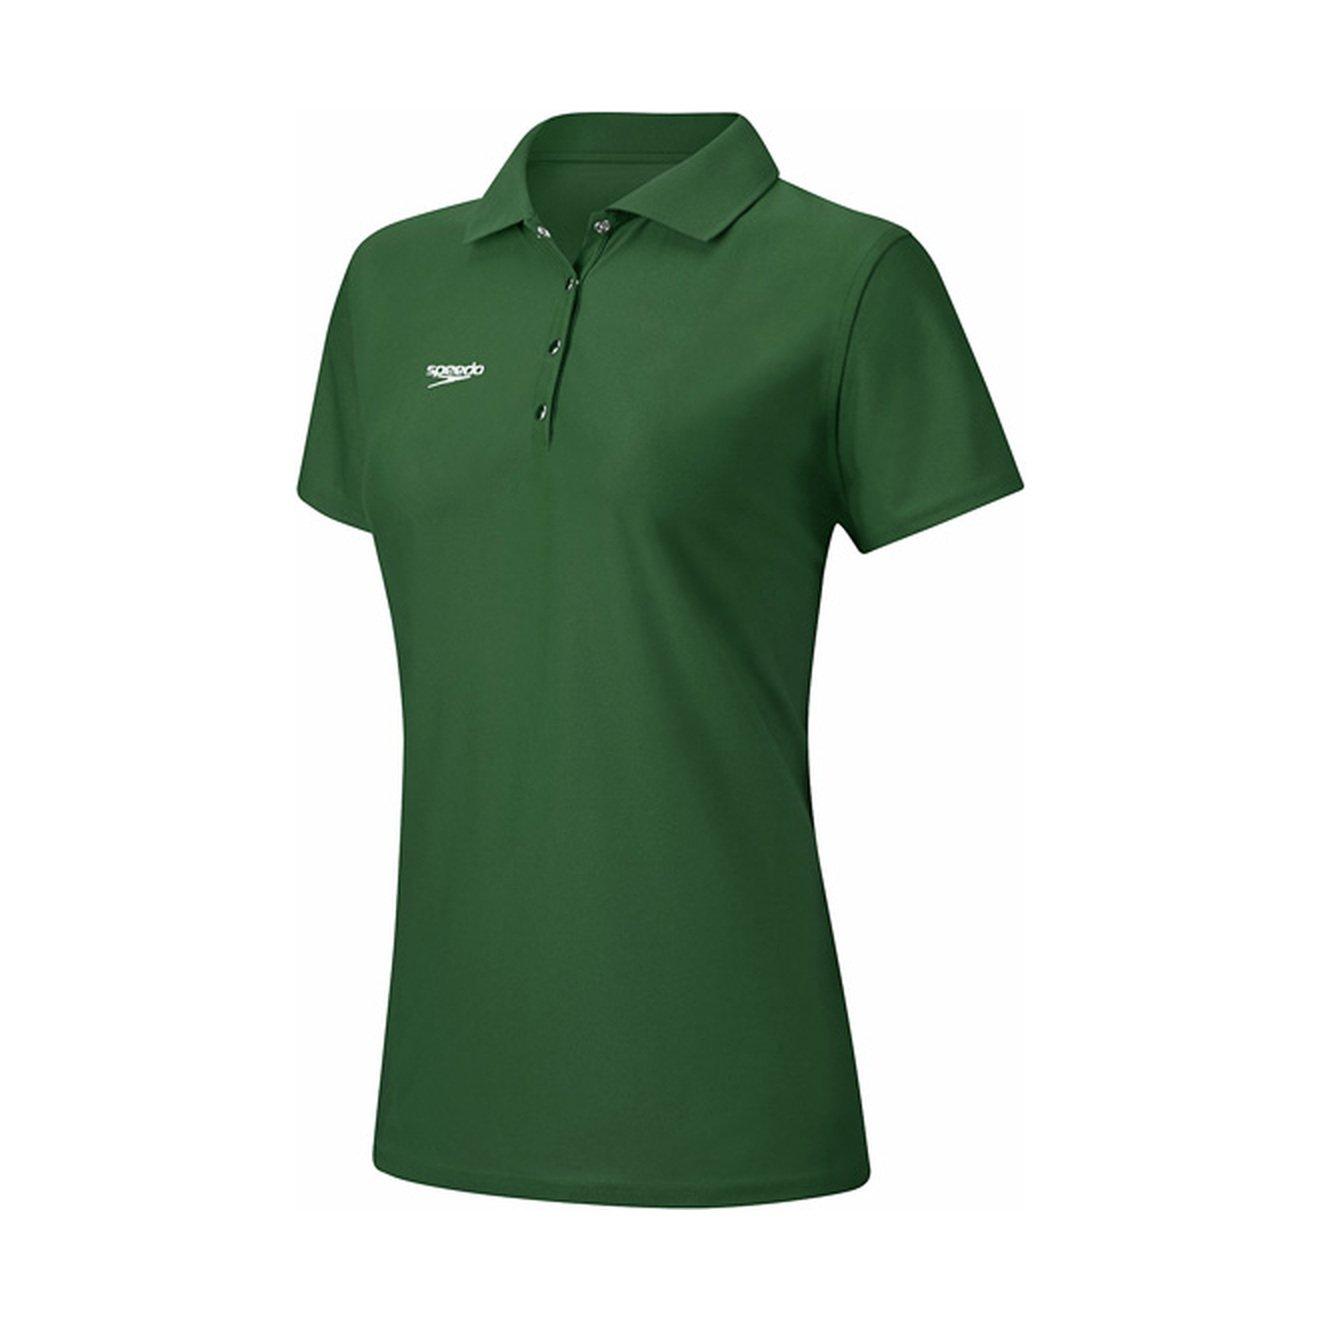 Speedo Women\'s Team Polo at Amazon Women\'s Clothing store: